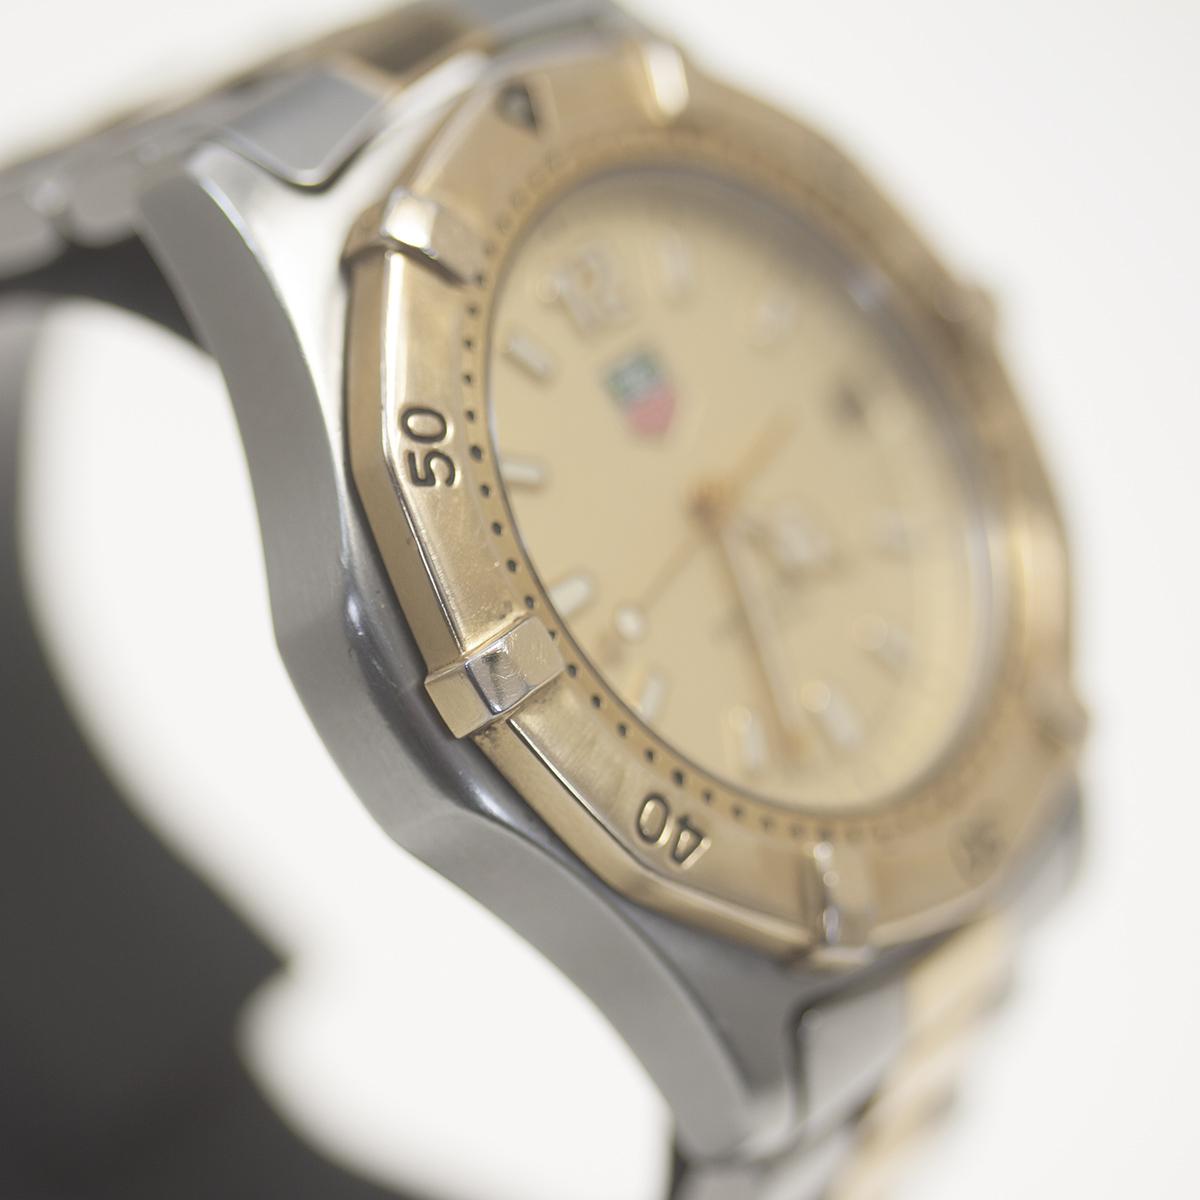 【TAG HEUER】タグホイヤー WK1121「プロフェッショナル 200m」クォーツ メンズ 腕時計【中古品】_画像3